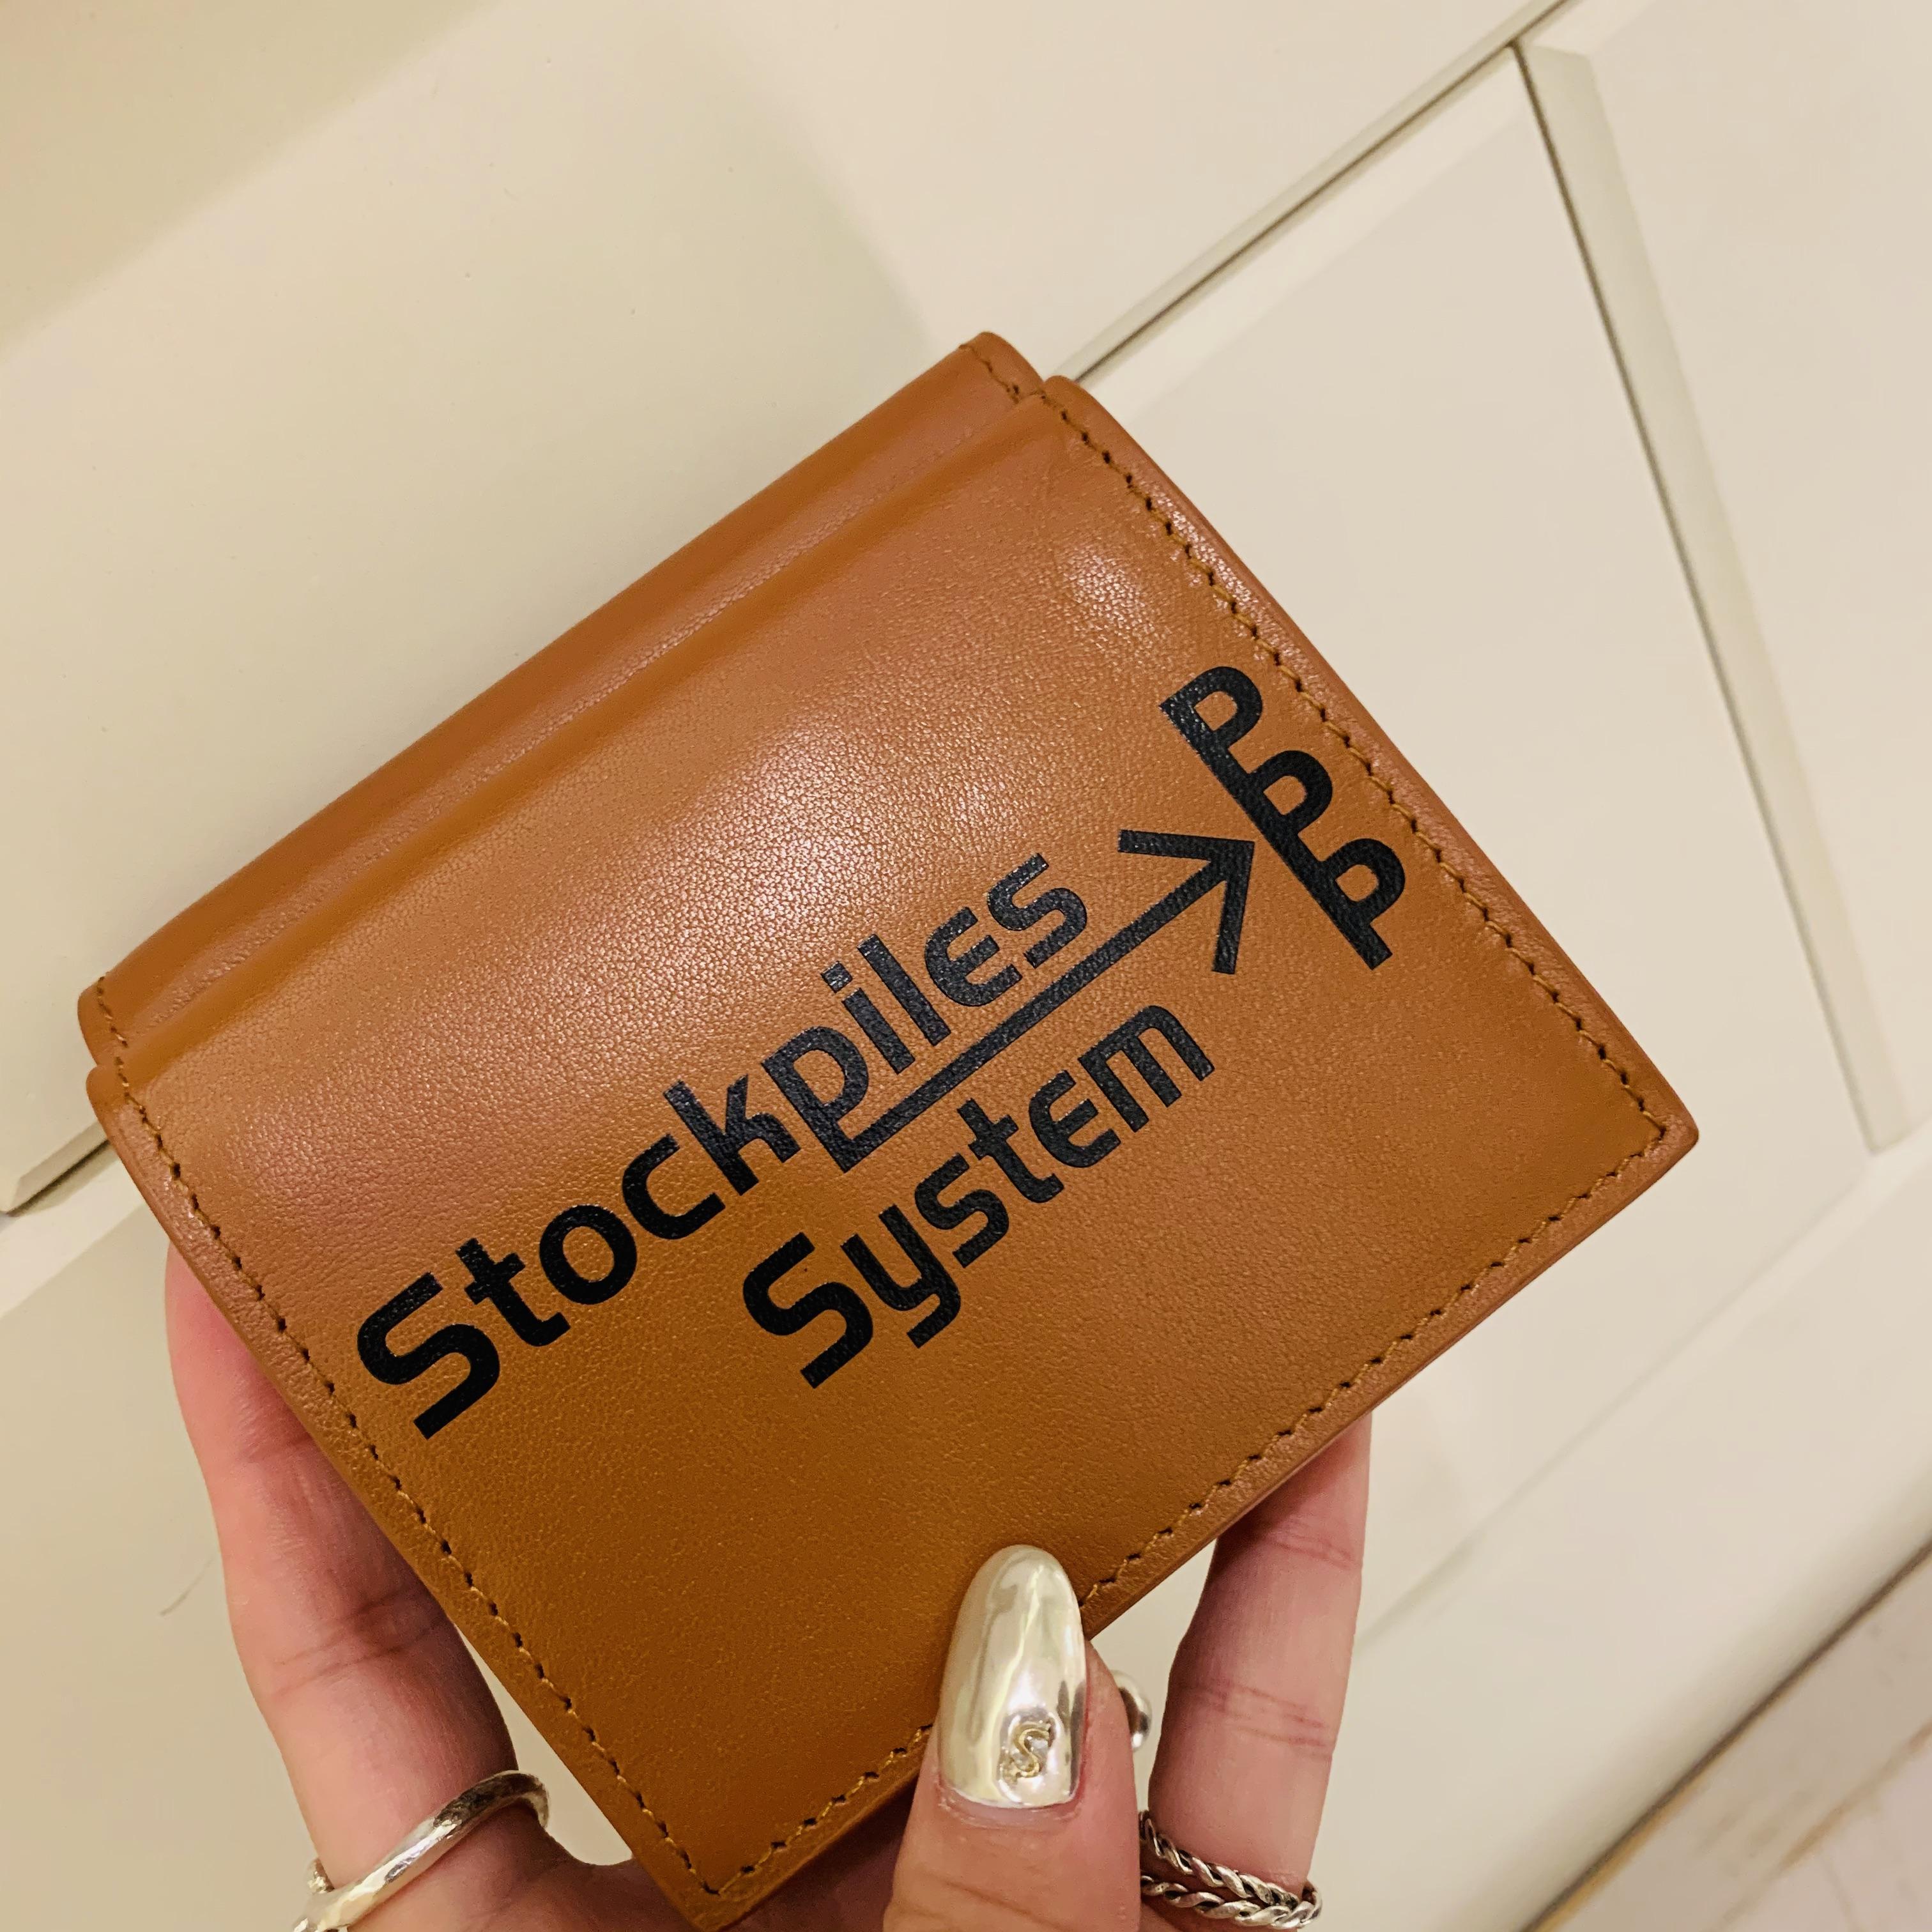 スクラップブック 渋谷 ヒカリエ イントキシック intoxic. 財布 ウォレット 3つ折り財布 2つ折り財布 小さめ財布 小ぶり